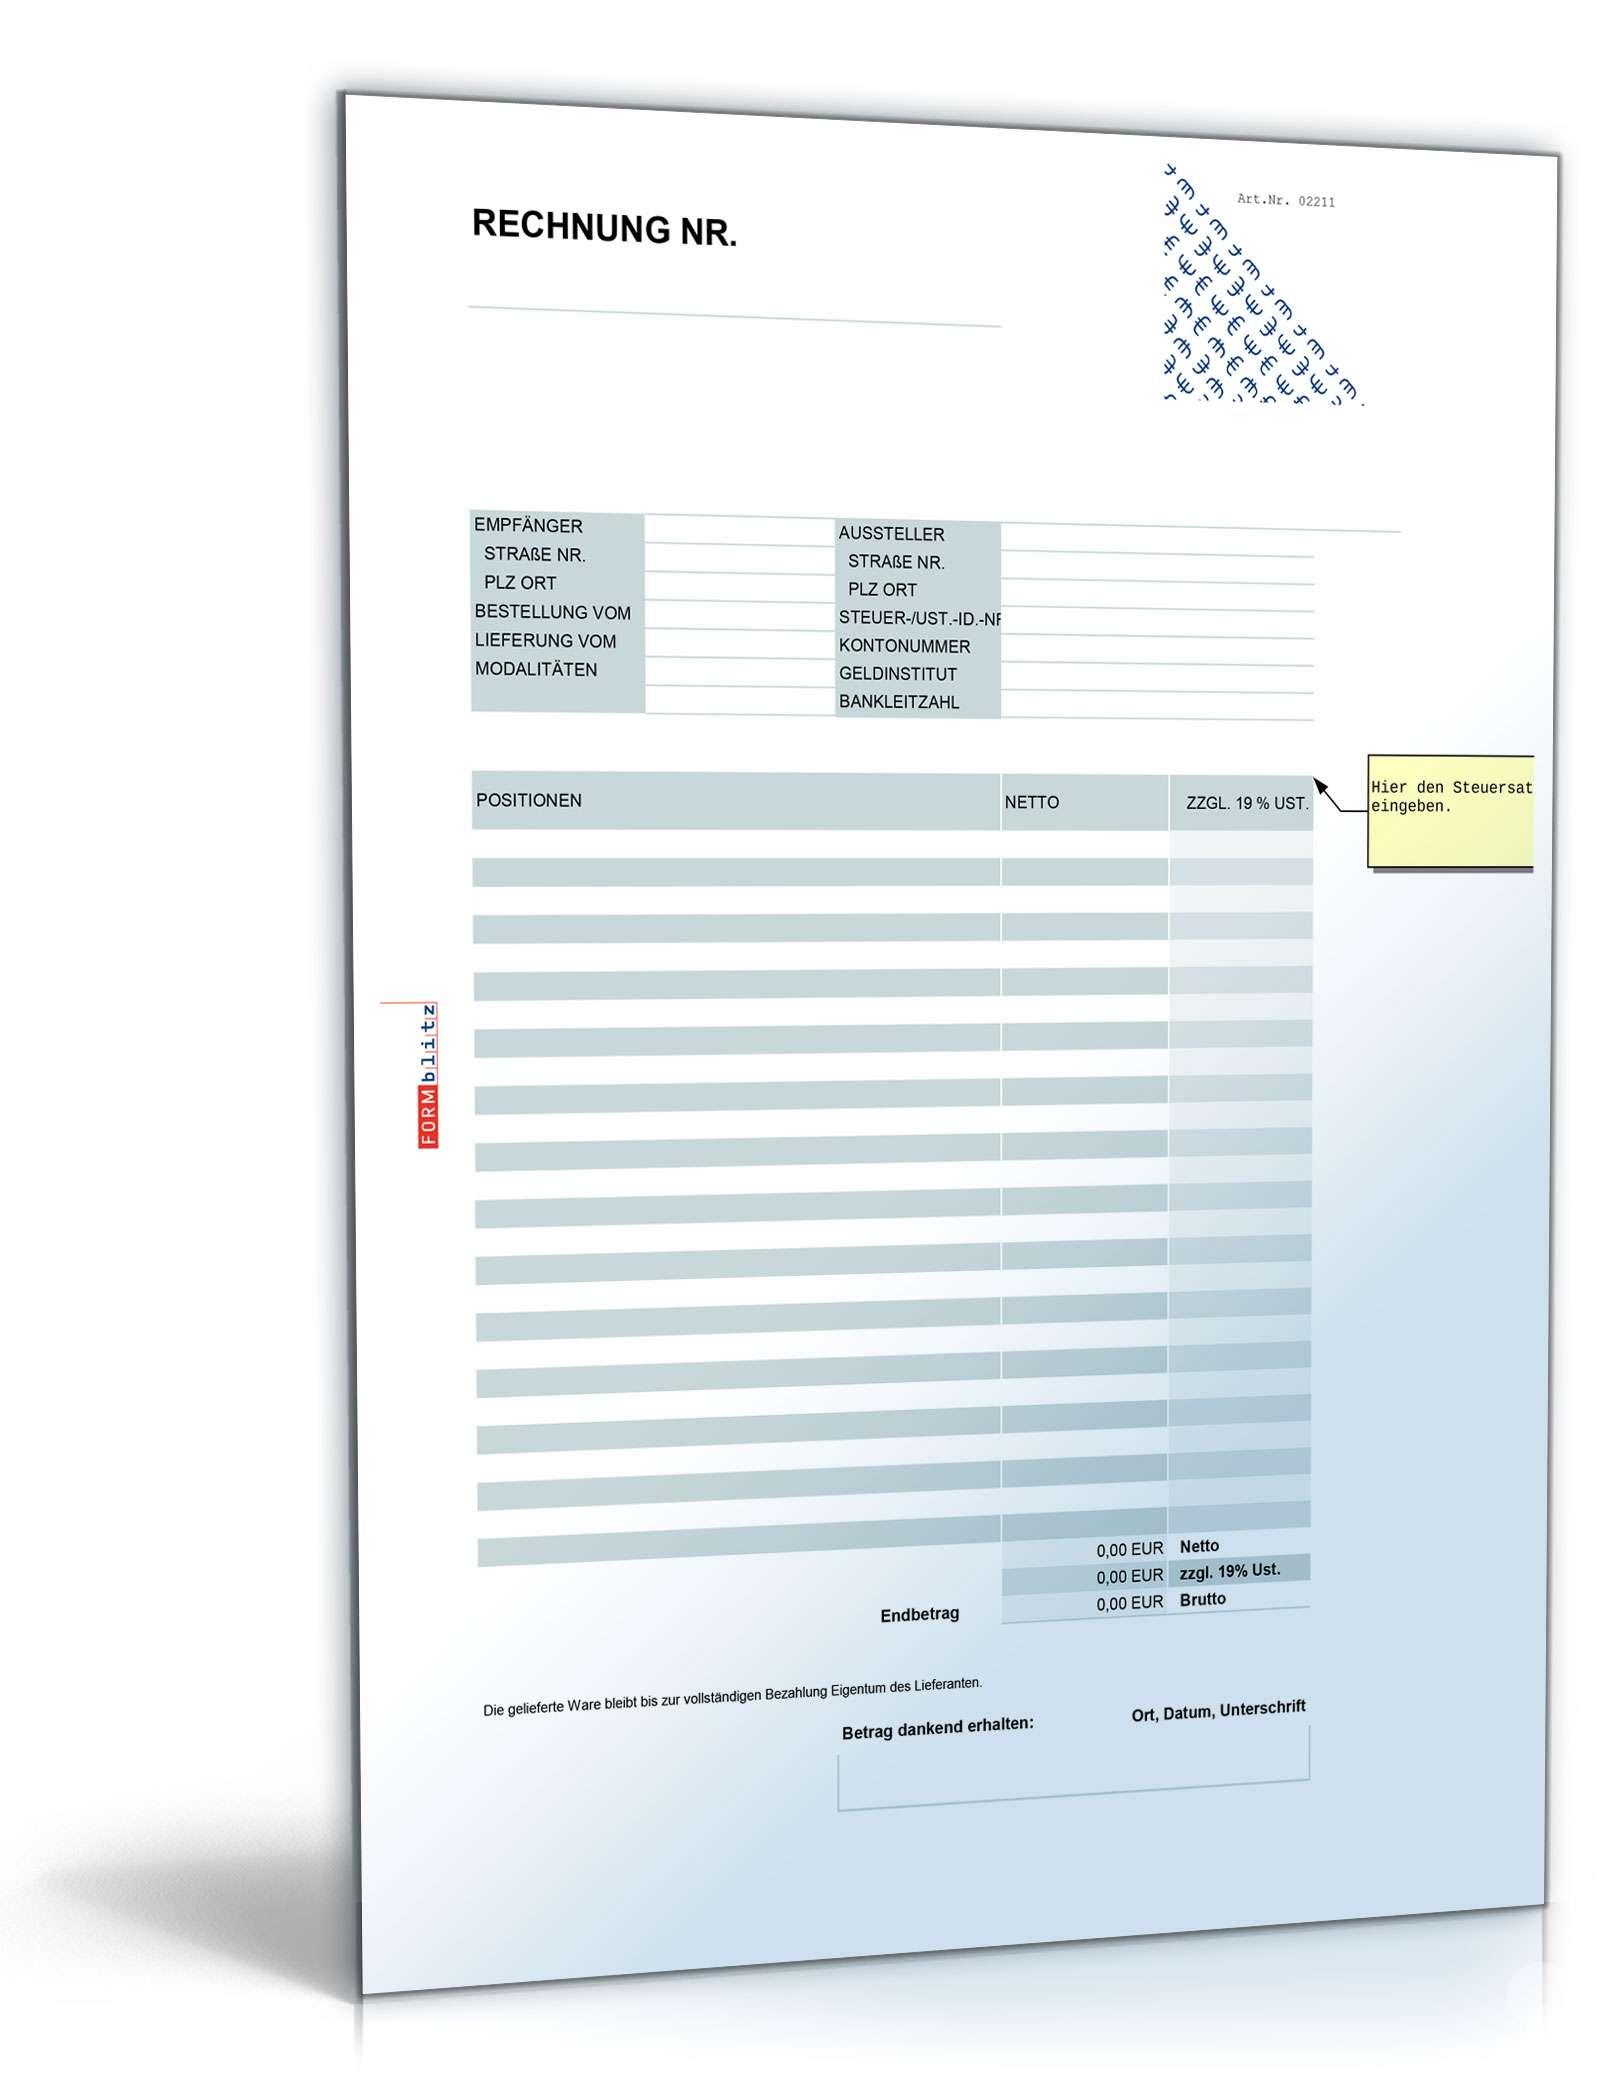 rechnung netto umsatzsteuer einheitlich muster zum. Black Bedroom Furniture Sets. Home Design Ideas